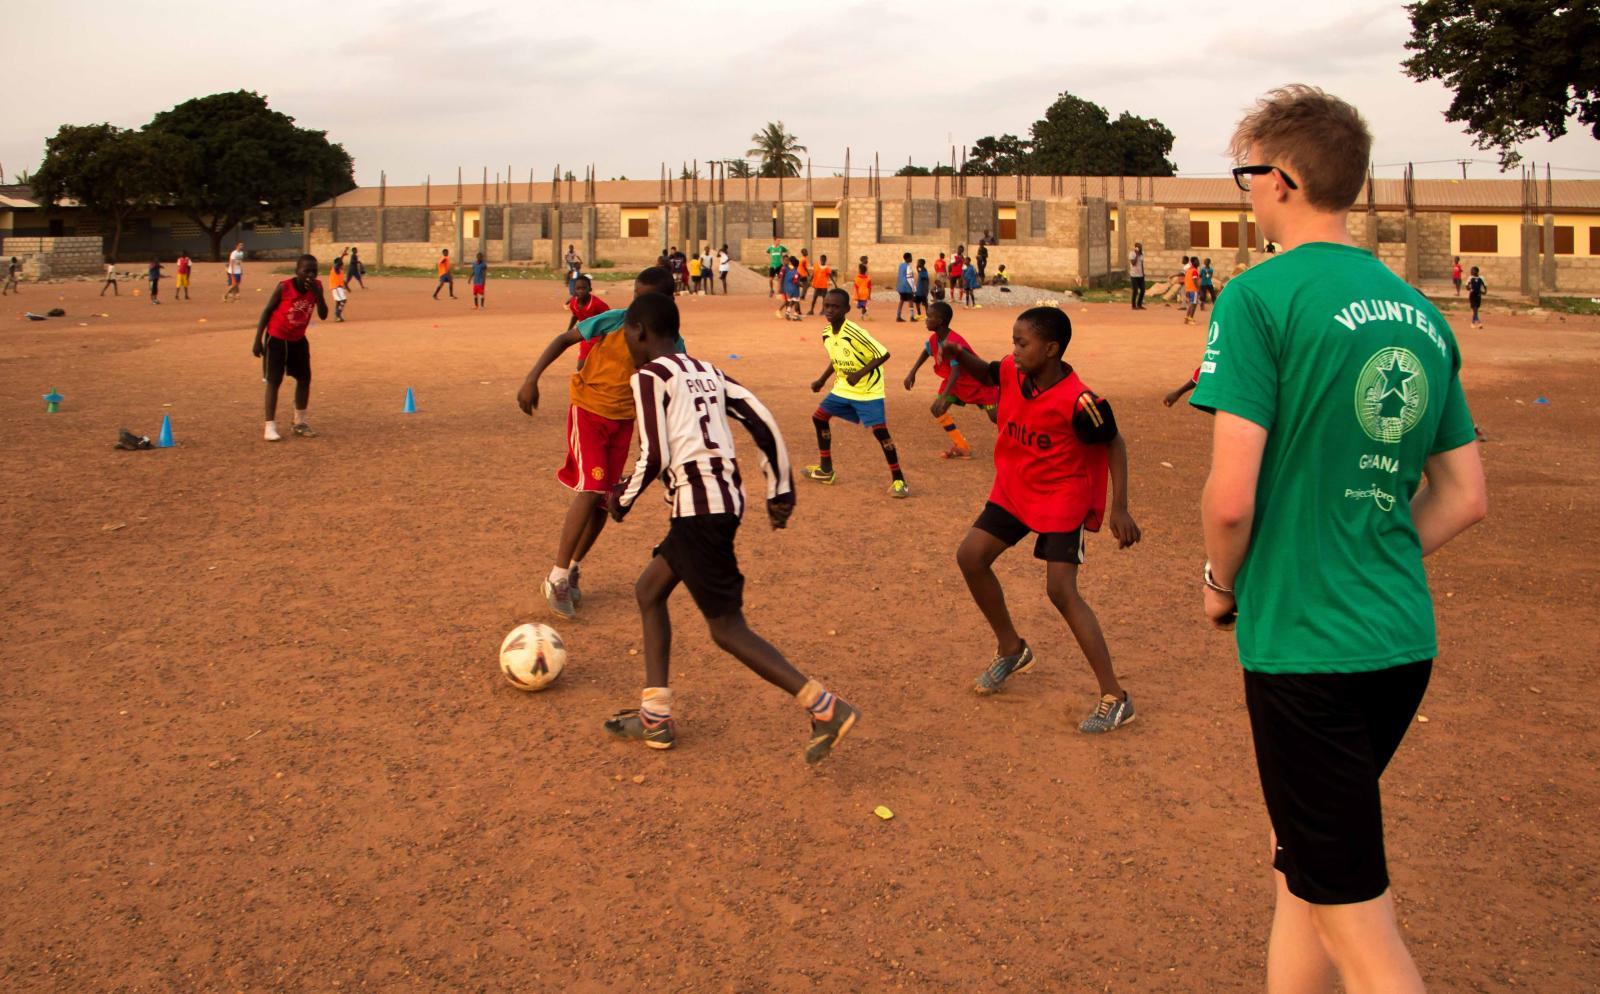 Juego de práctica durante nuestro voluntariado como entrenador de fútbol en Ghana.